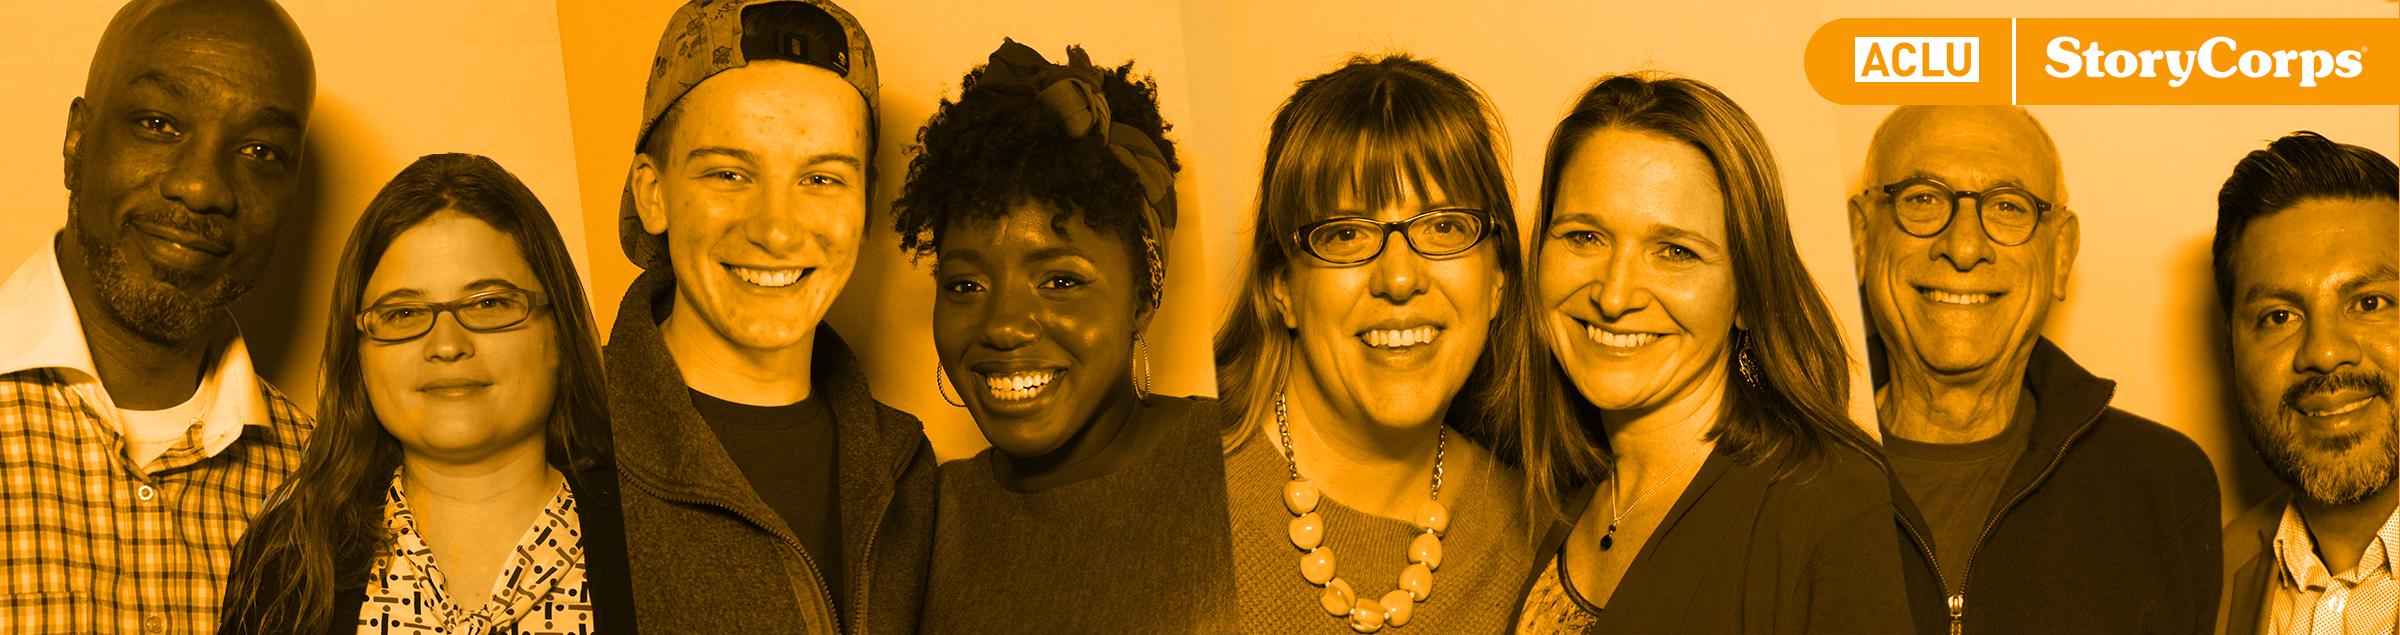 ACLU StoryCorps